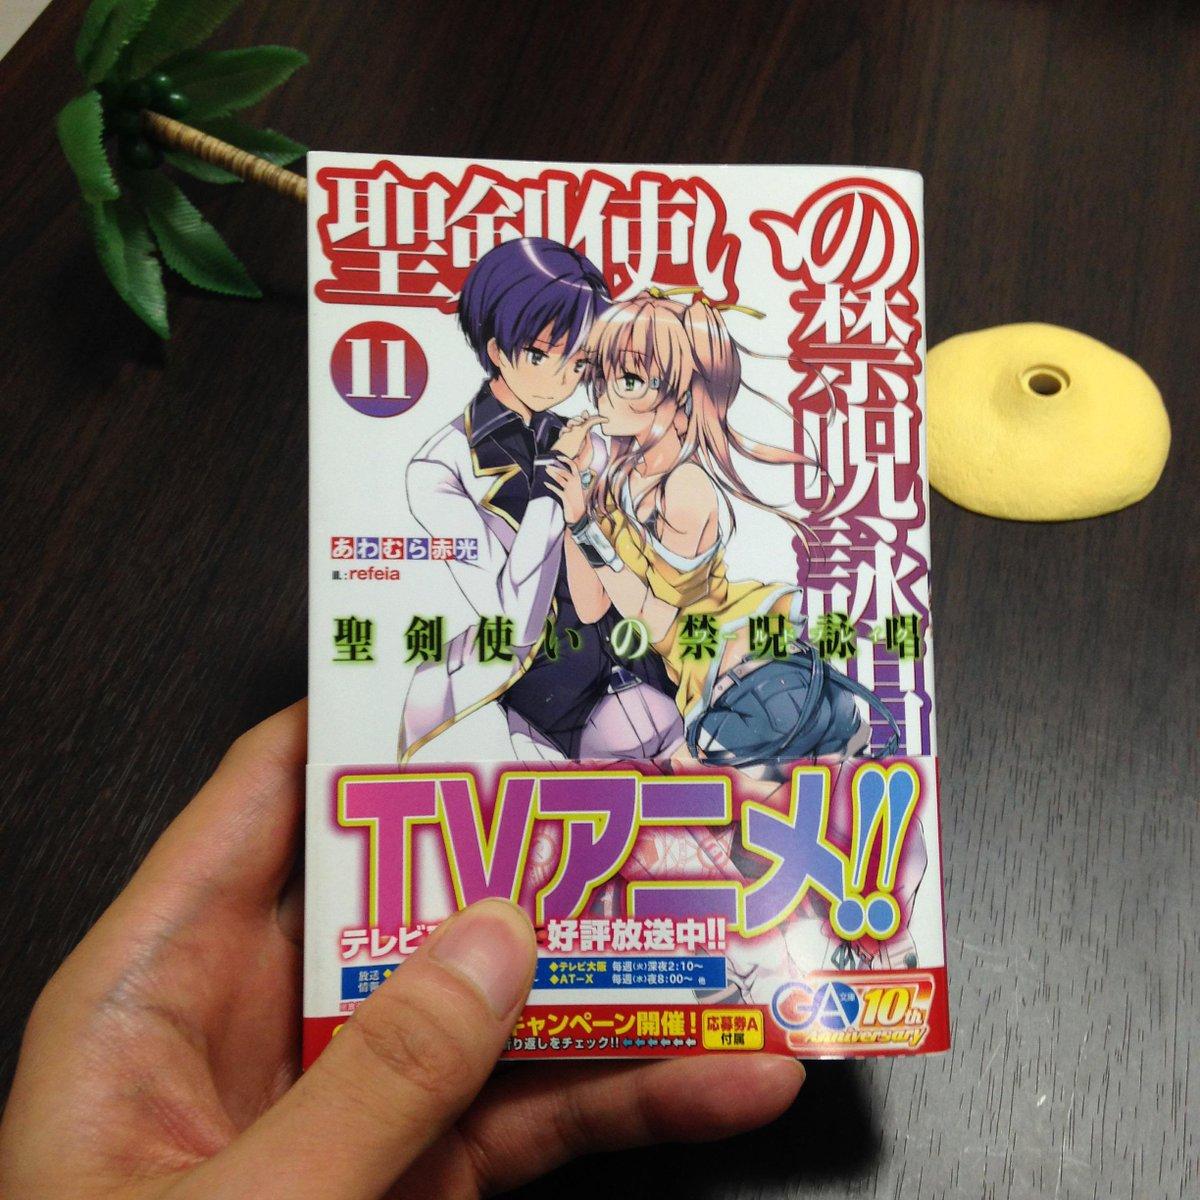 聖剣使いの禁呪詠唱11は今月発売です。よろしくね≡⊂ミ⌒⊃ミ'ω'彡⊃